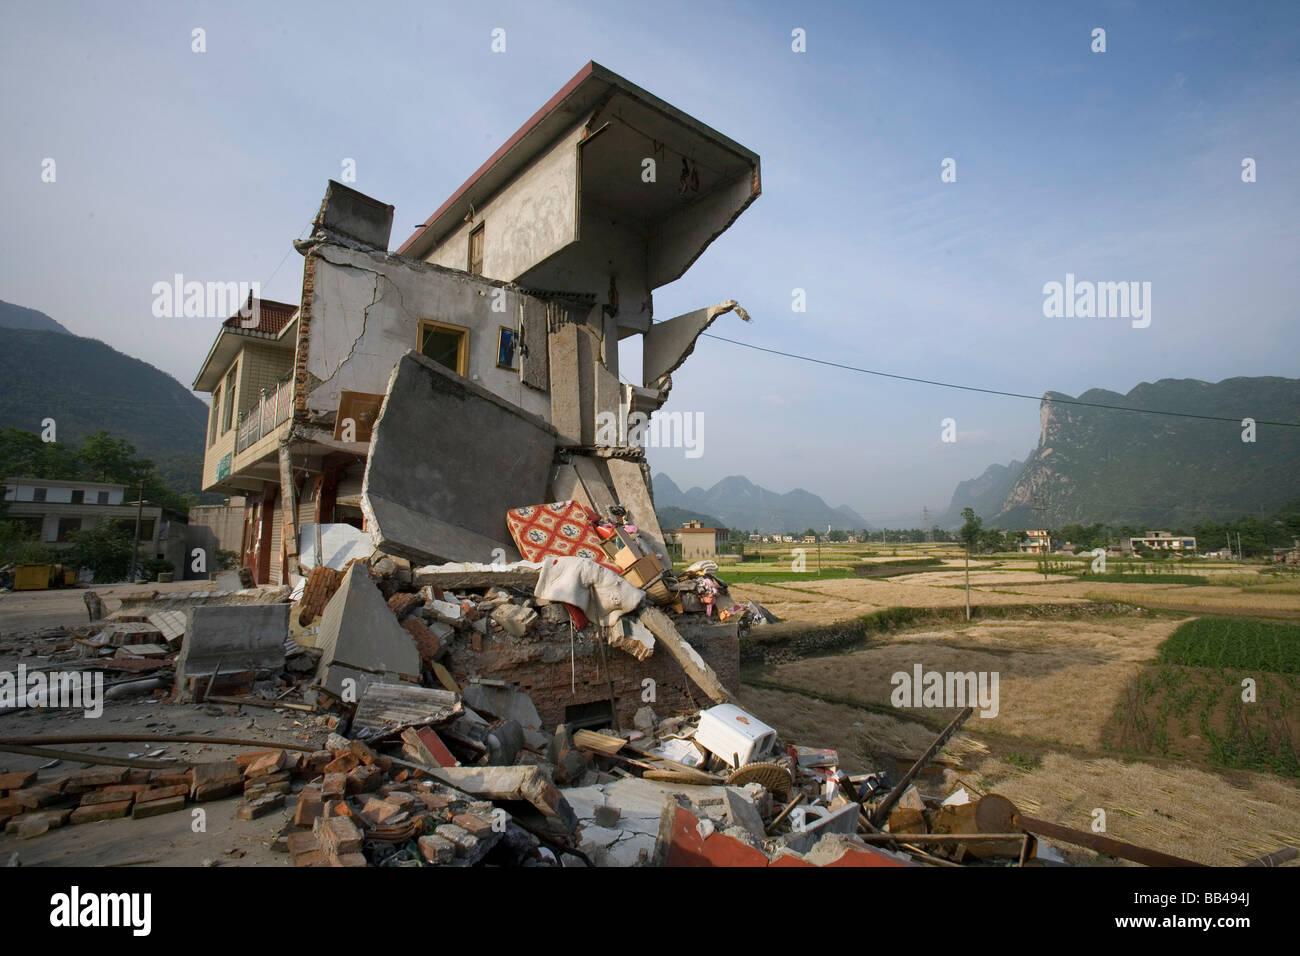 Maisons détruites par un tremblement de terre dans le canton de Pingan, Chine. Photo Stock